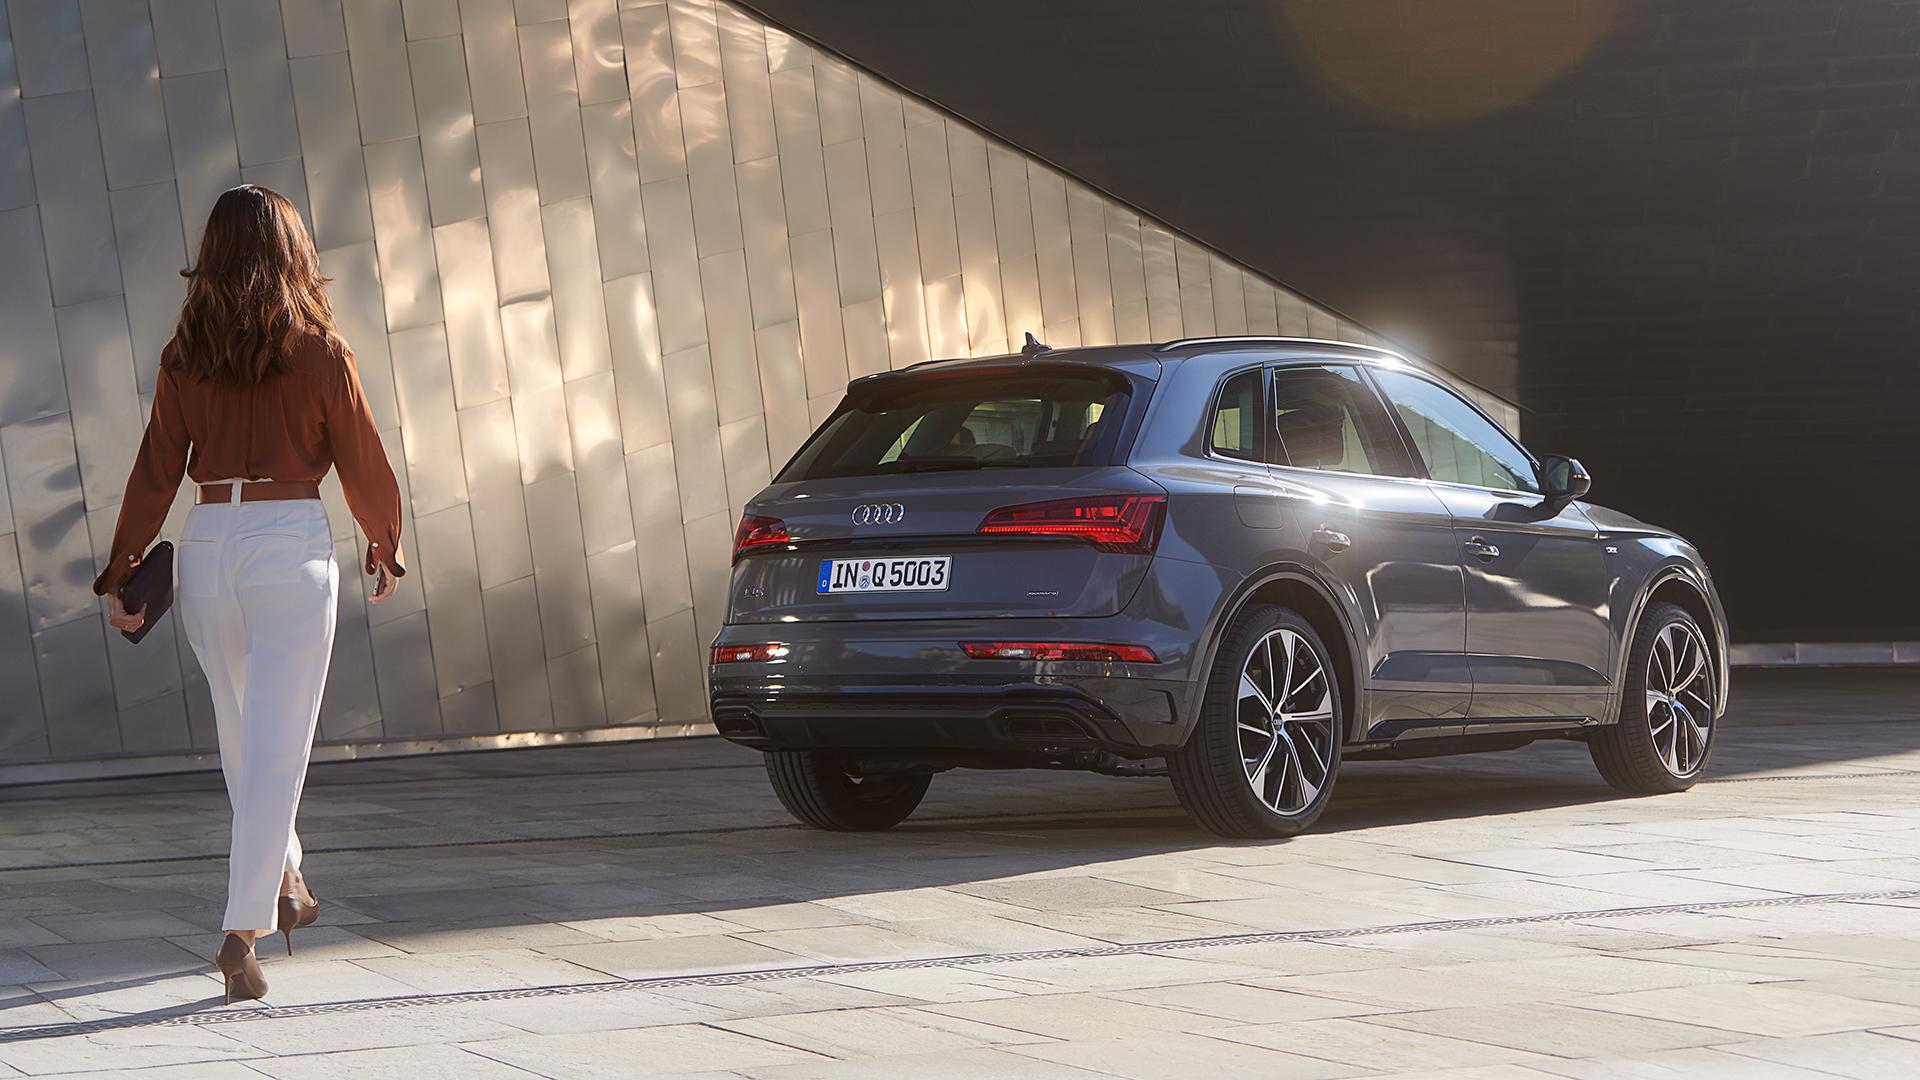 Ženska se približuje parkiranemu Audiju Q5 SUV v kvantno sivi barvi.